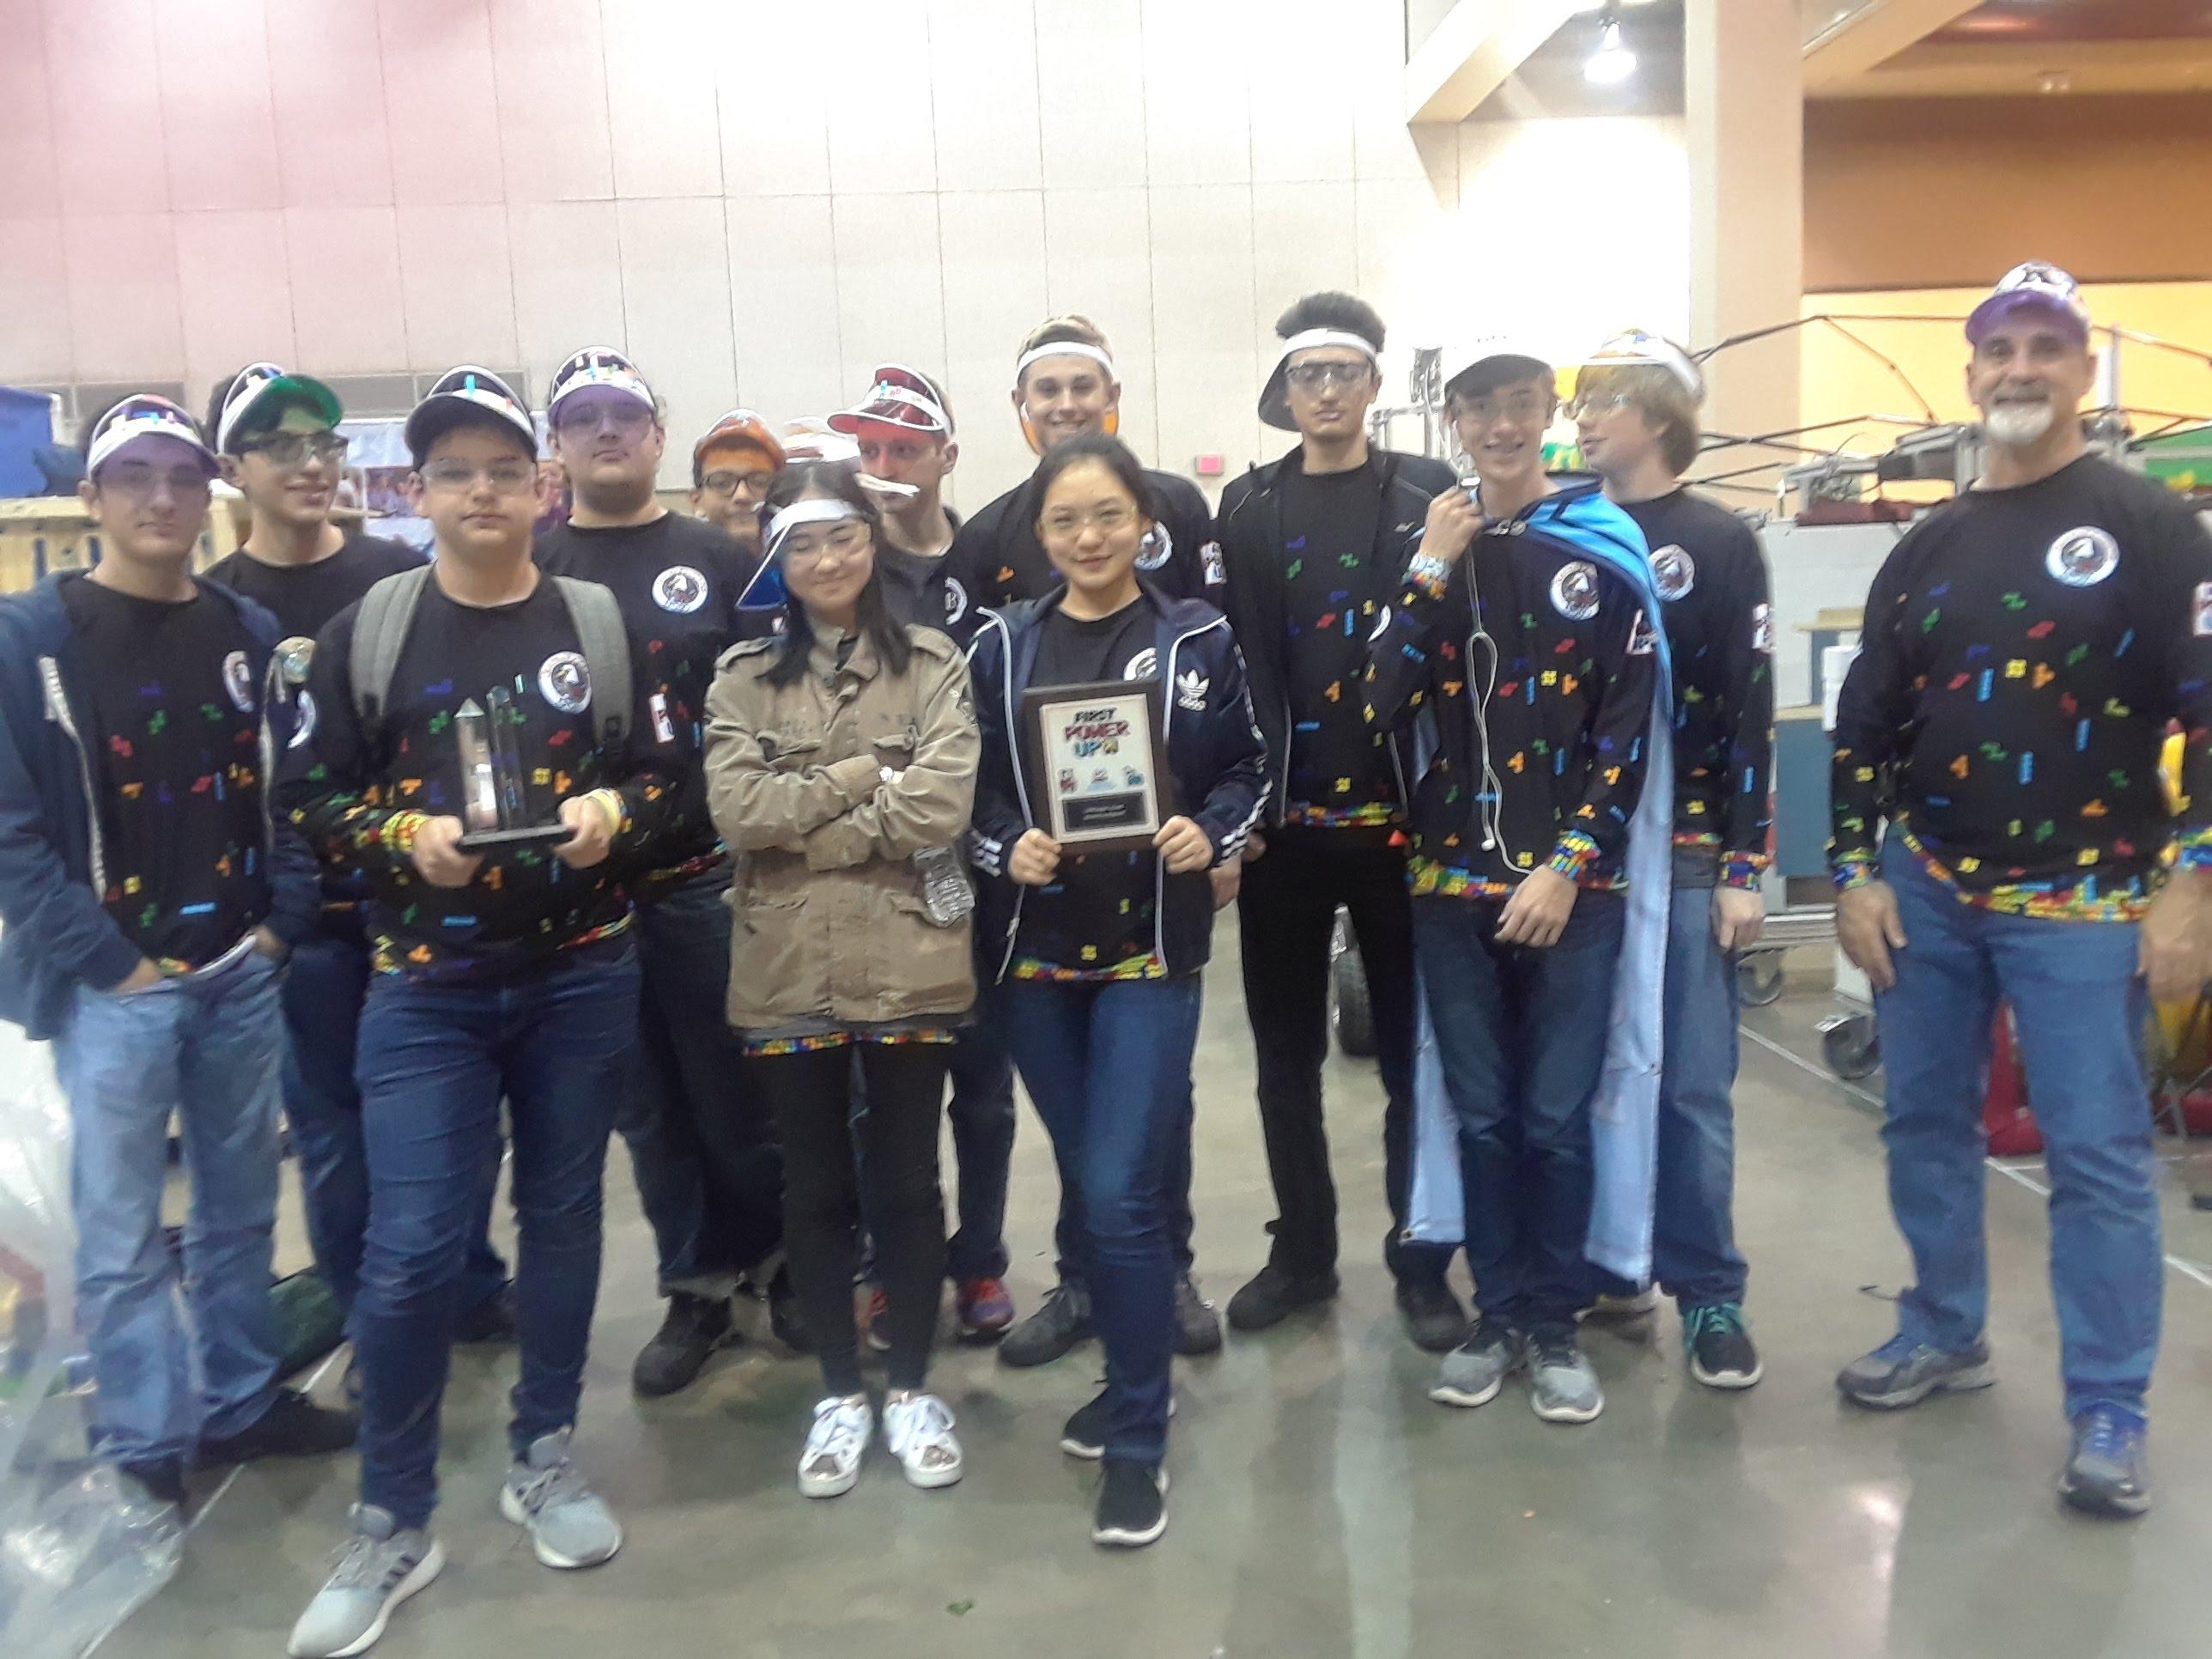 FRC Team Photo.jpg